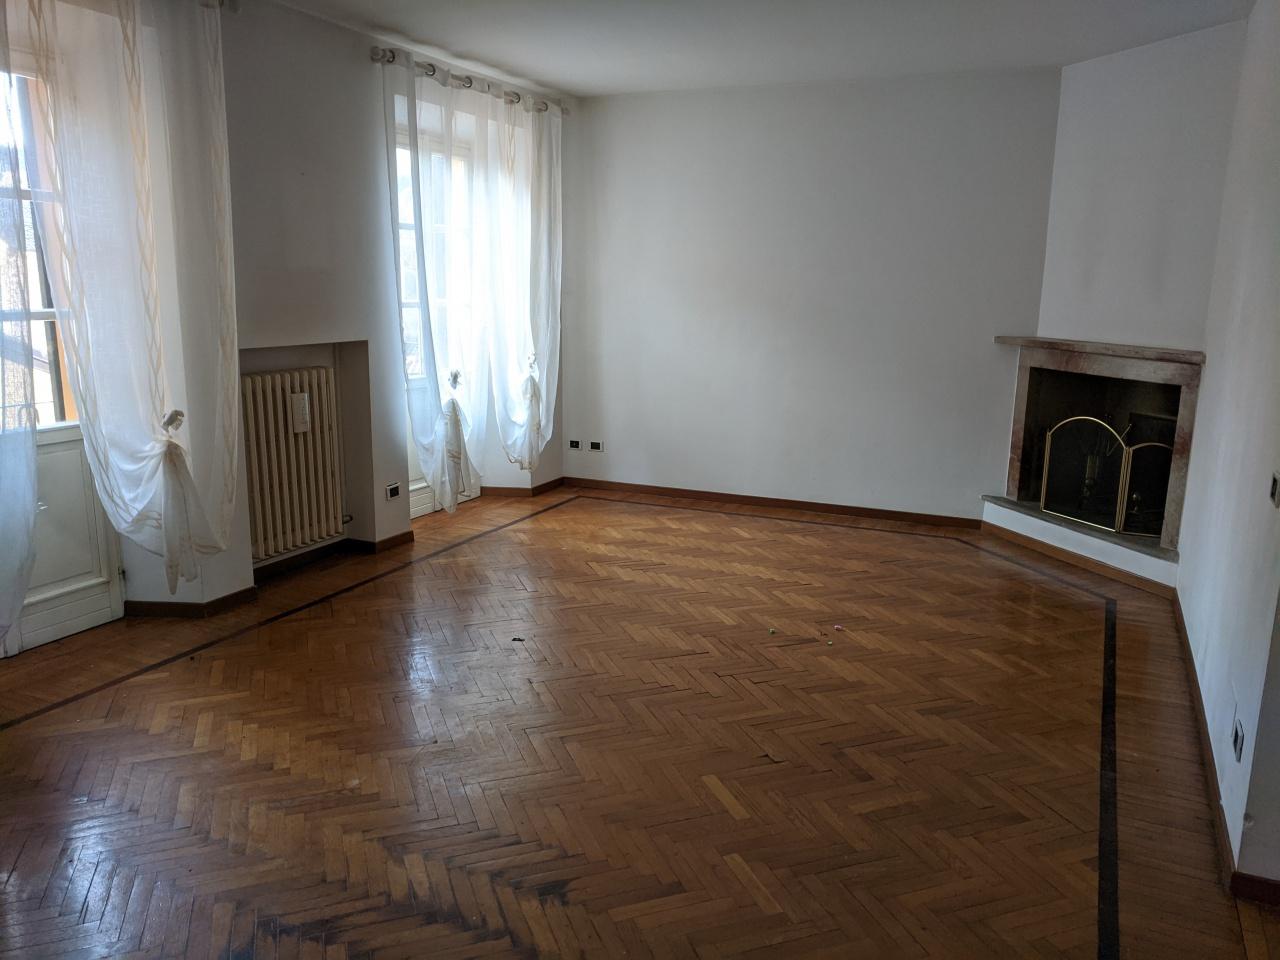 Appartamento in affitto a Stradella, 6 locali, prezzo € 680 | PortaleAgenzieImmobiliari.it